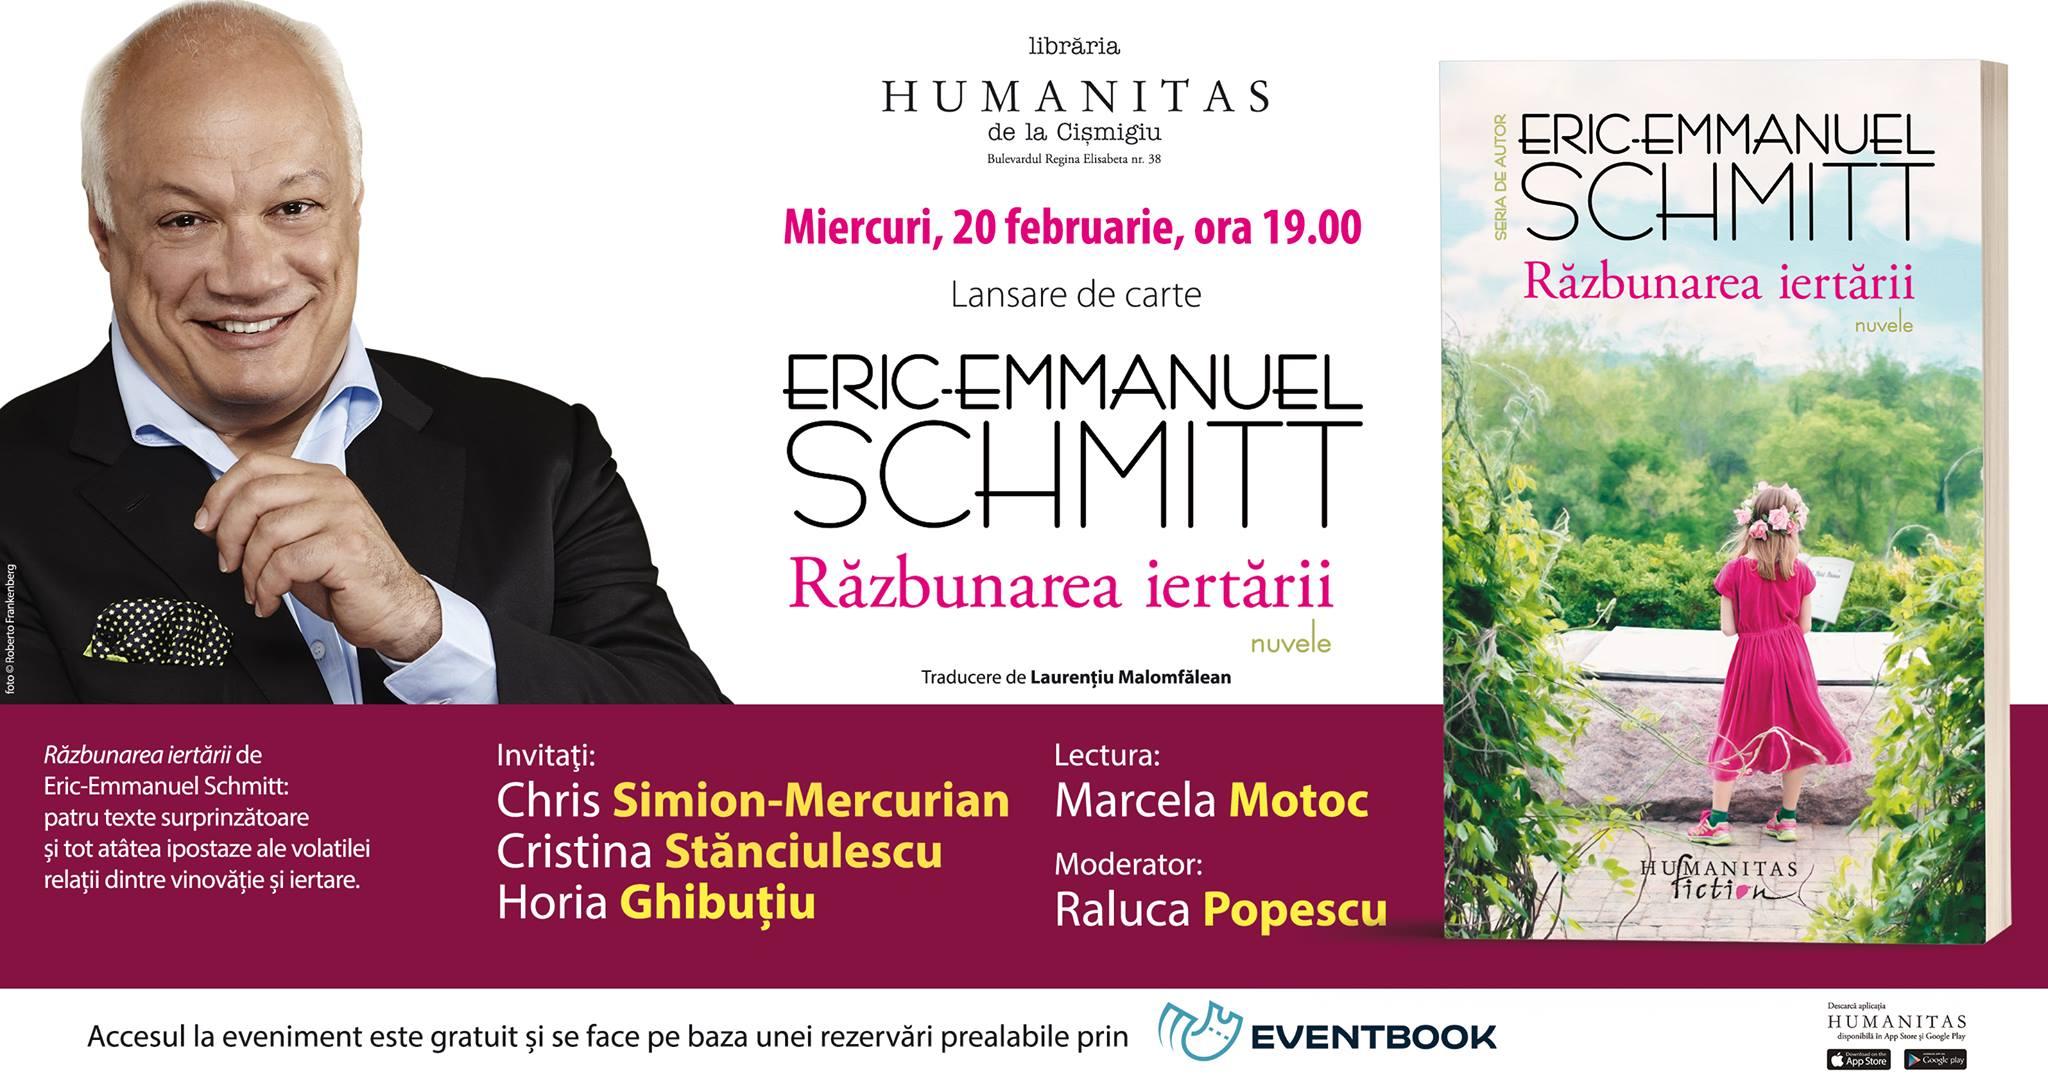 """Lansare Eric-Emmanuel Schmitt – """"Răzbunarea iertării"""""""